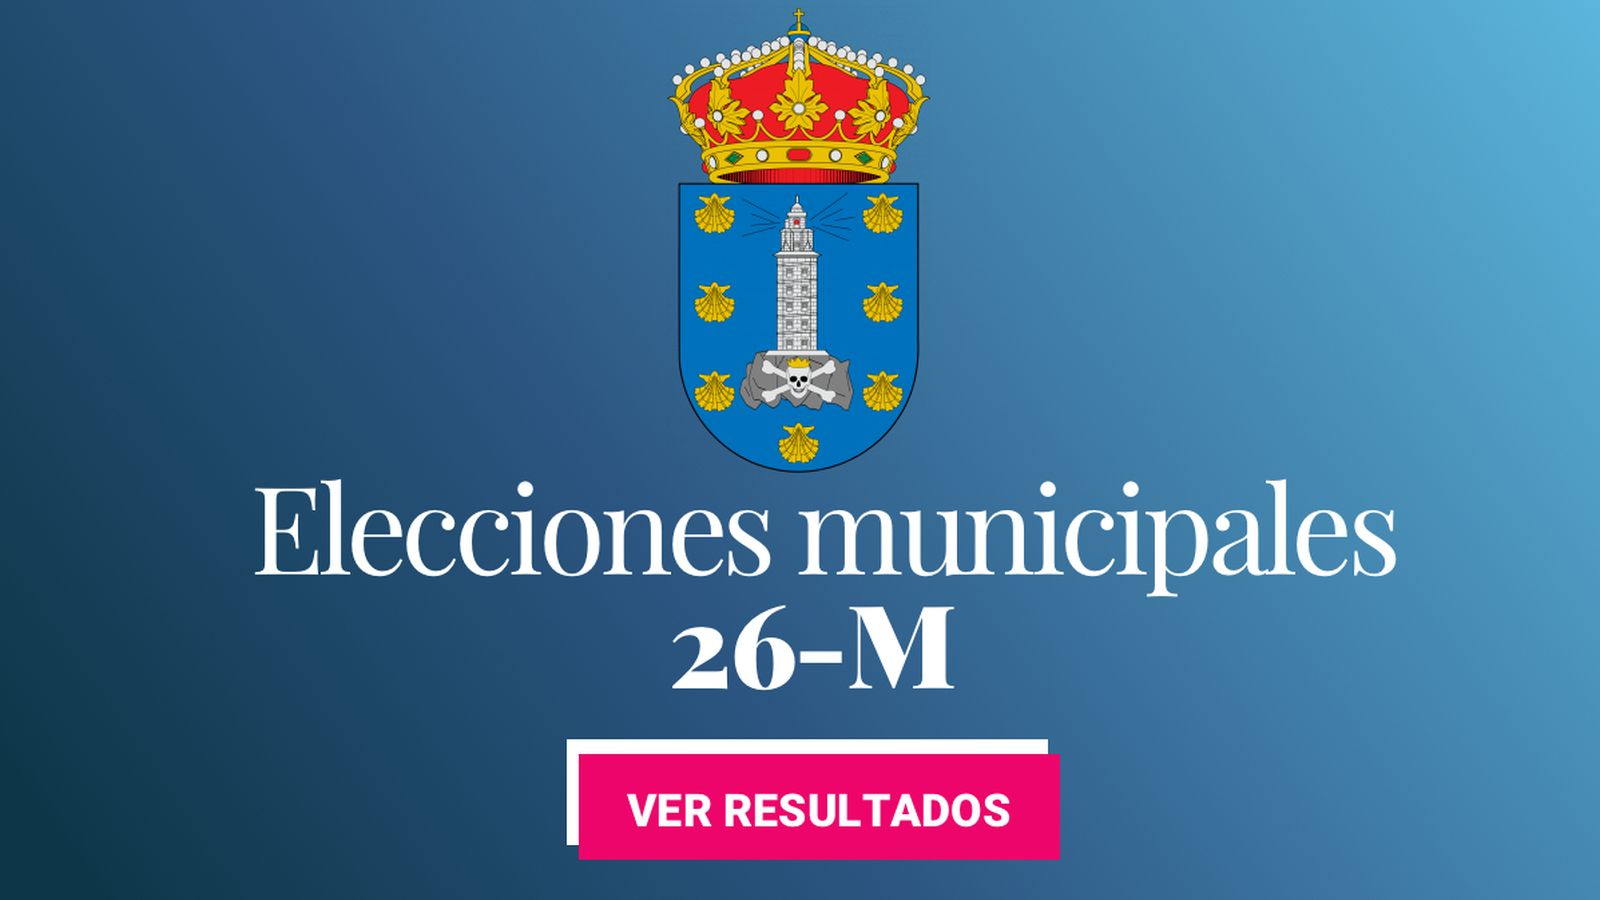 Foto: Elecciones municipales 2019 en A Coruña. (C.C./EC)